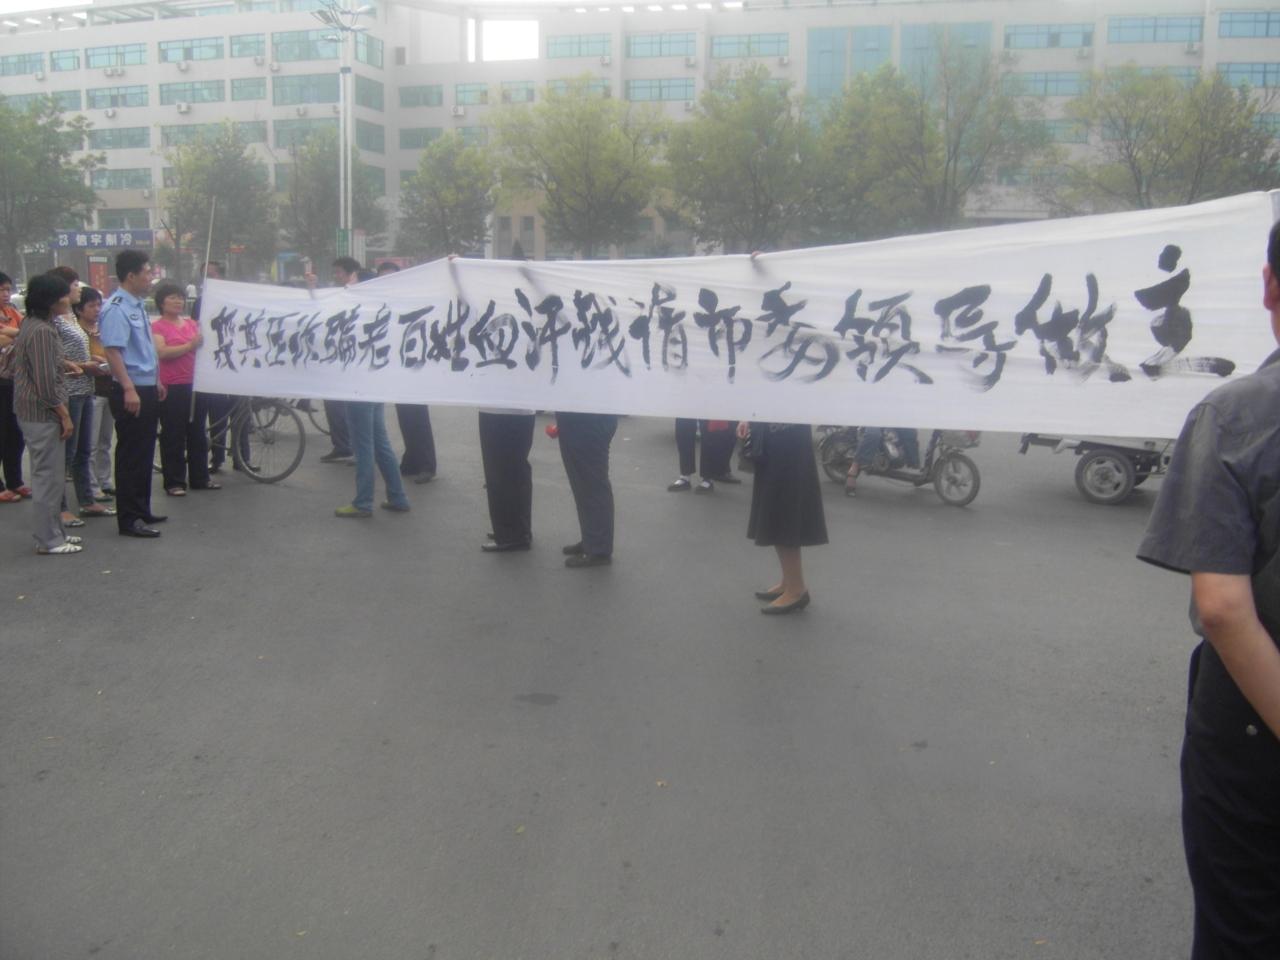 聊城段其臣用大量集资款贿赂贪官,成功逃脱法律制裁